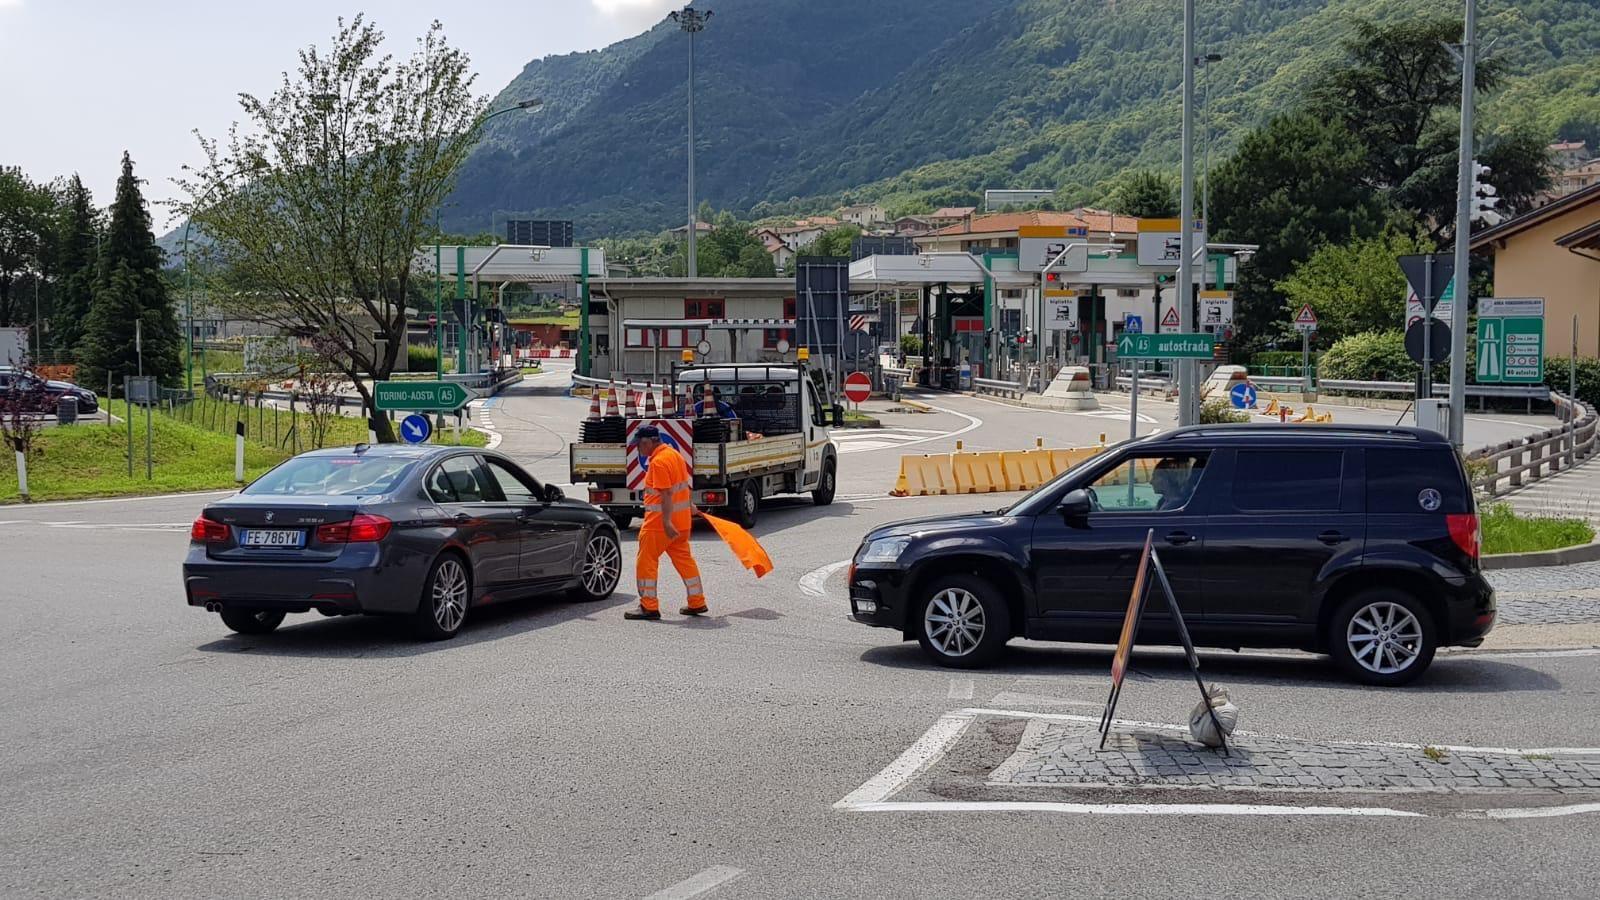 ALLARME FRANA - Autostrada Torino-Aosta chiusa e poi riaperta tra Ivrea e Pont Saint Martin